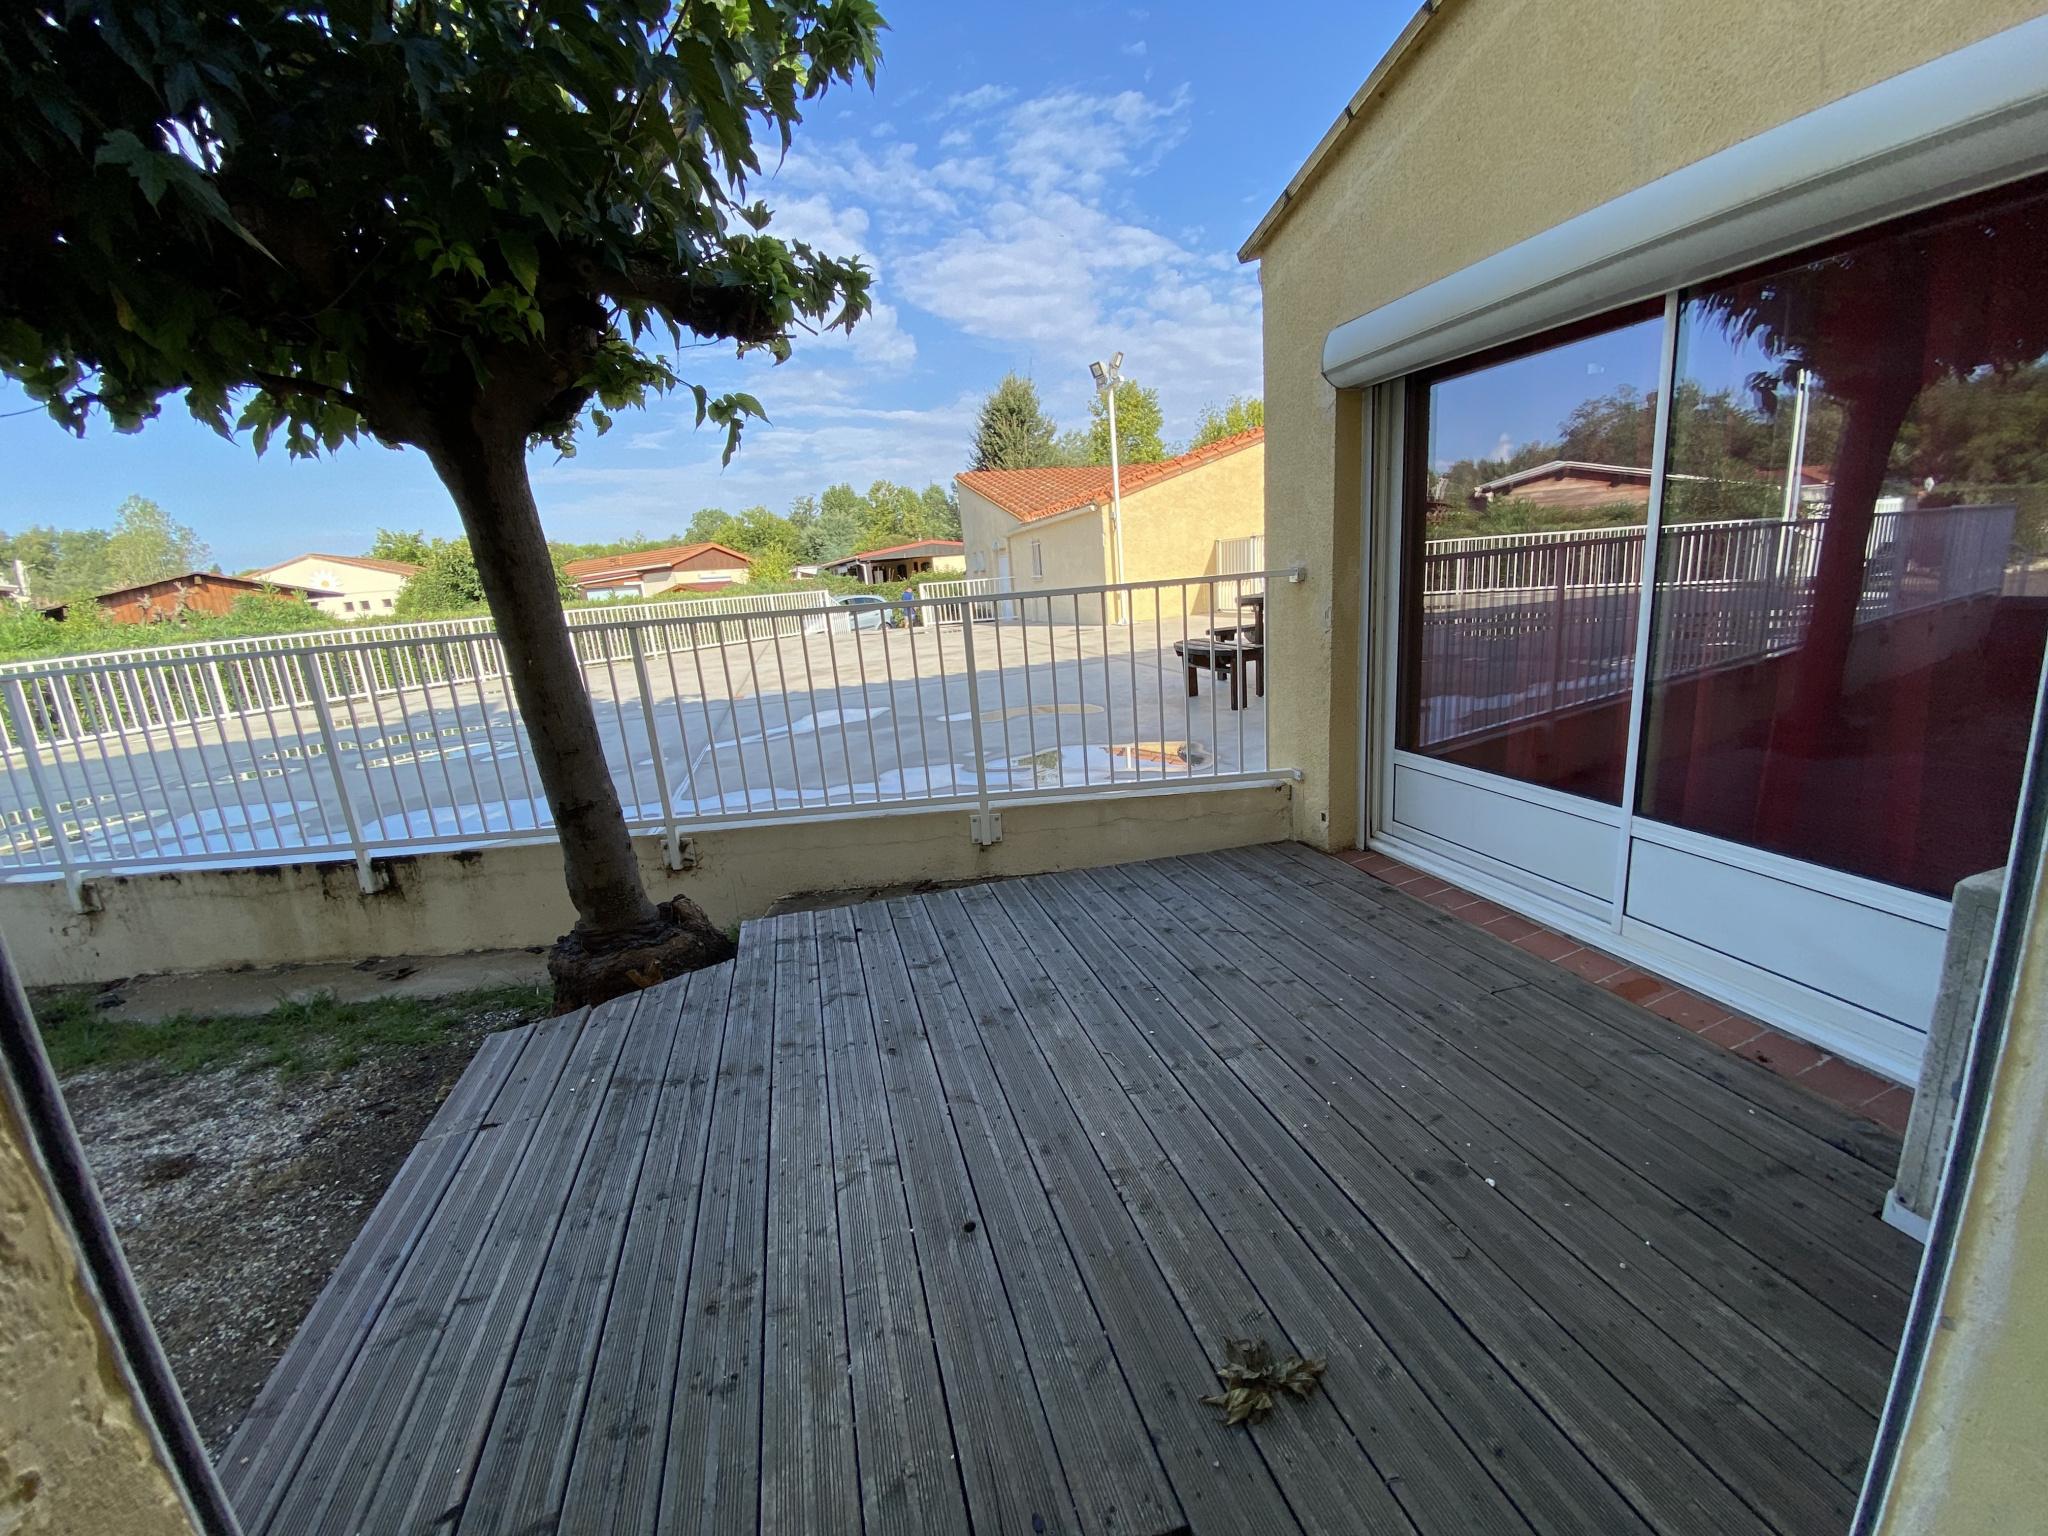 À vendre appartement de 71m2 à argeles sur mer (66700) - Photo 8'